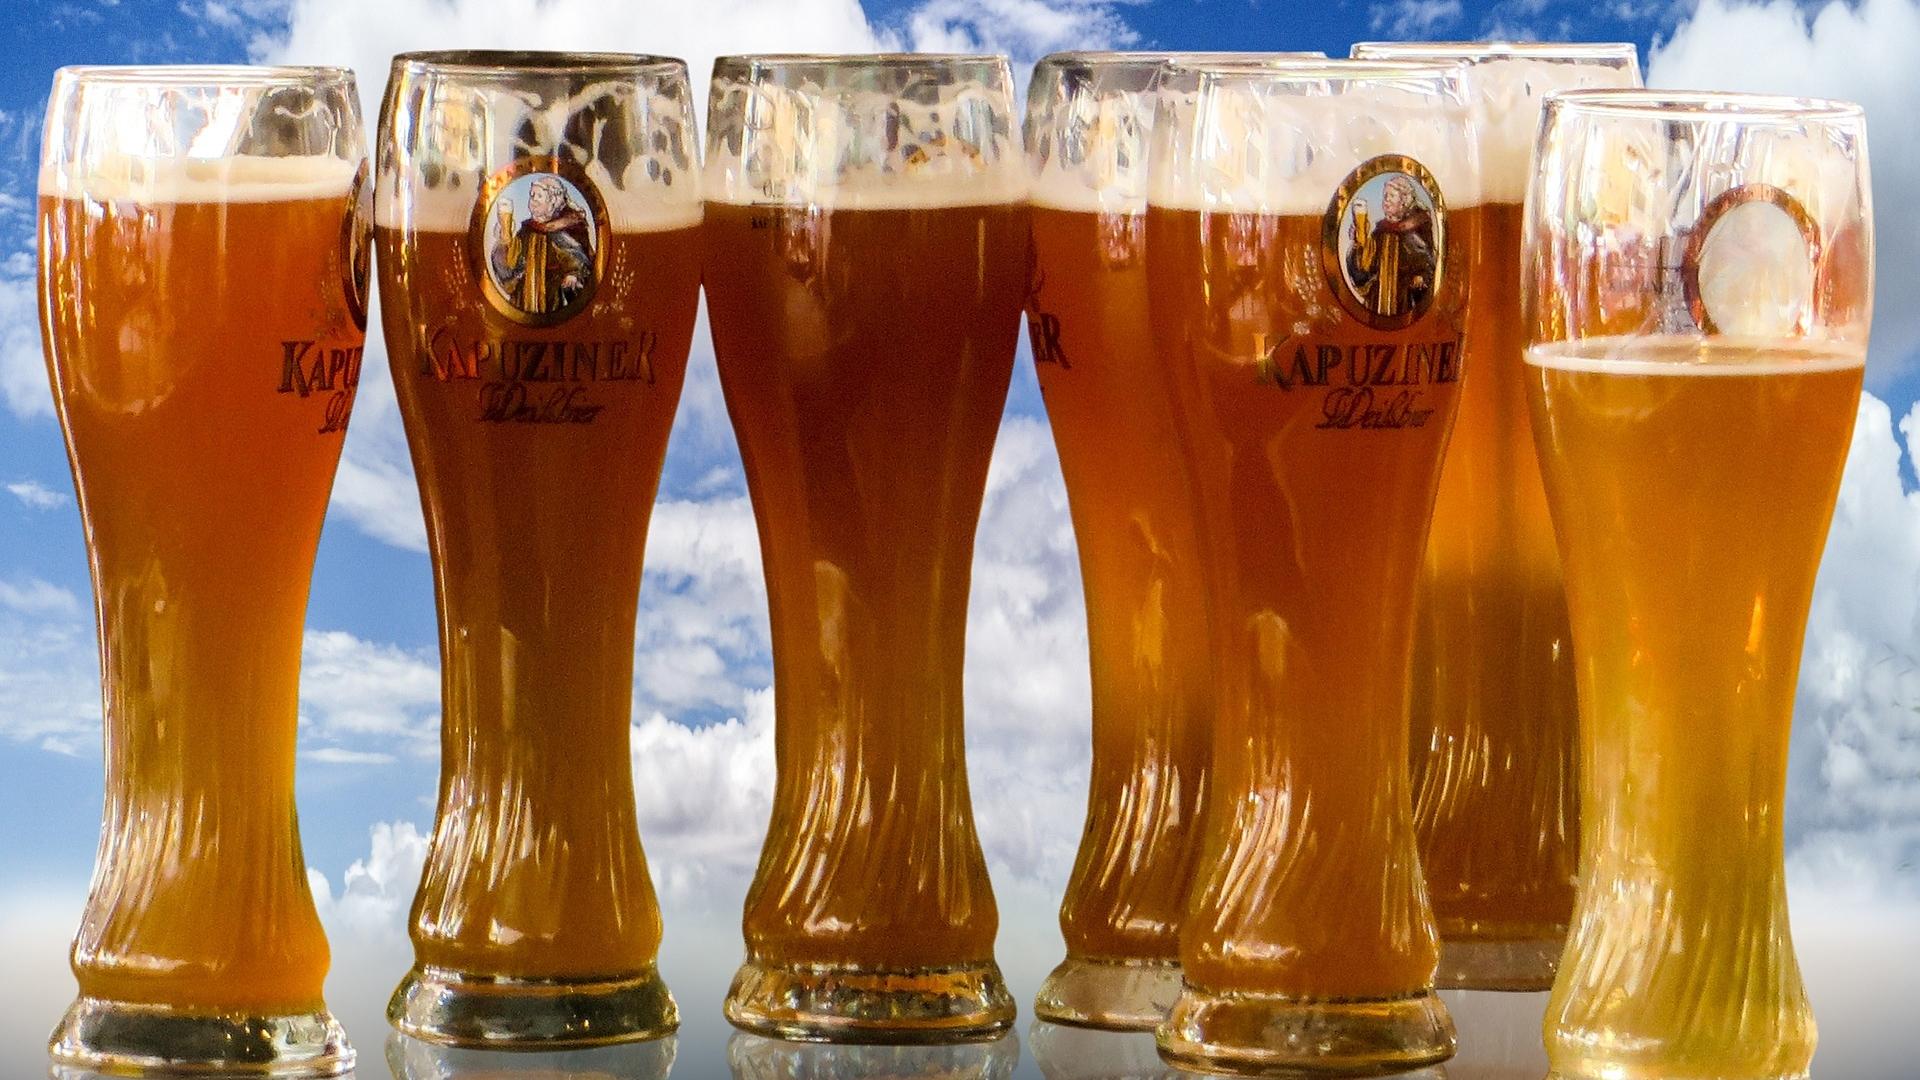 Kulmbach die heimmliche Hauptstadt des Bieres.